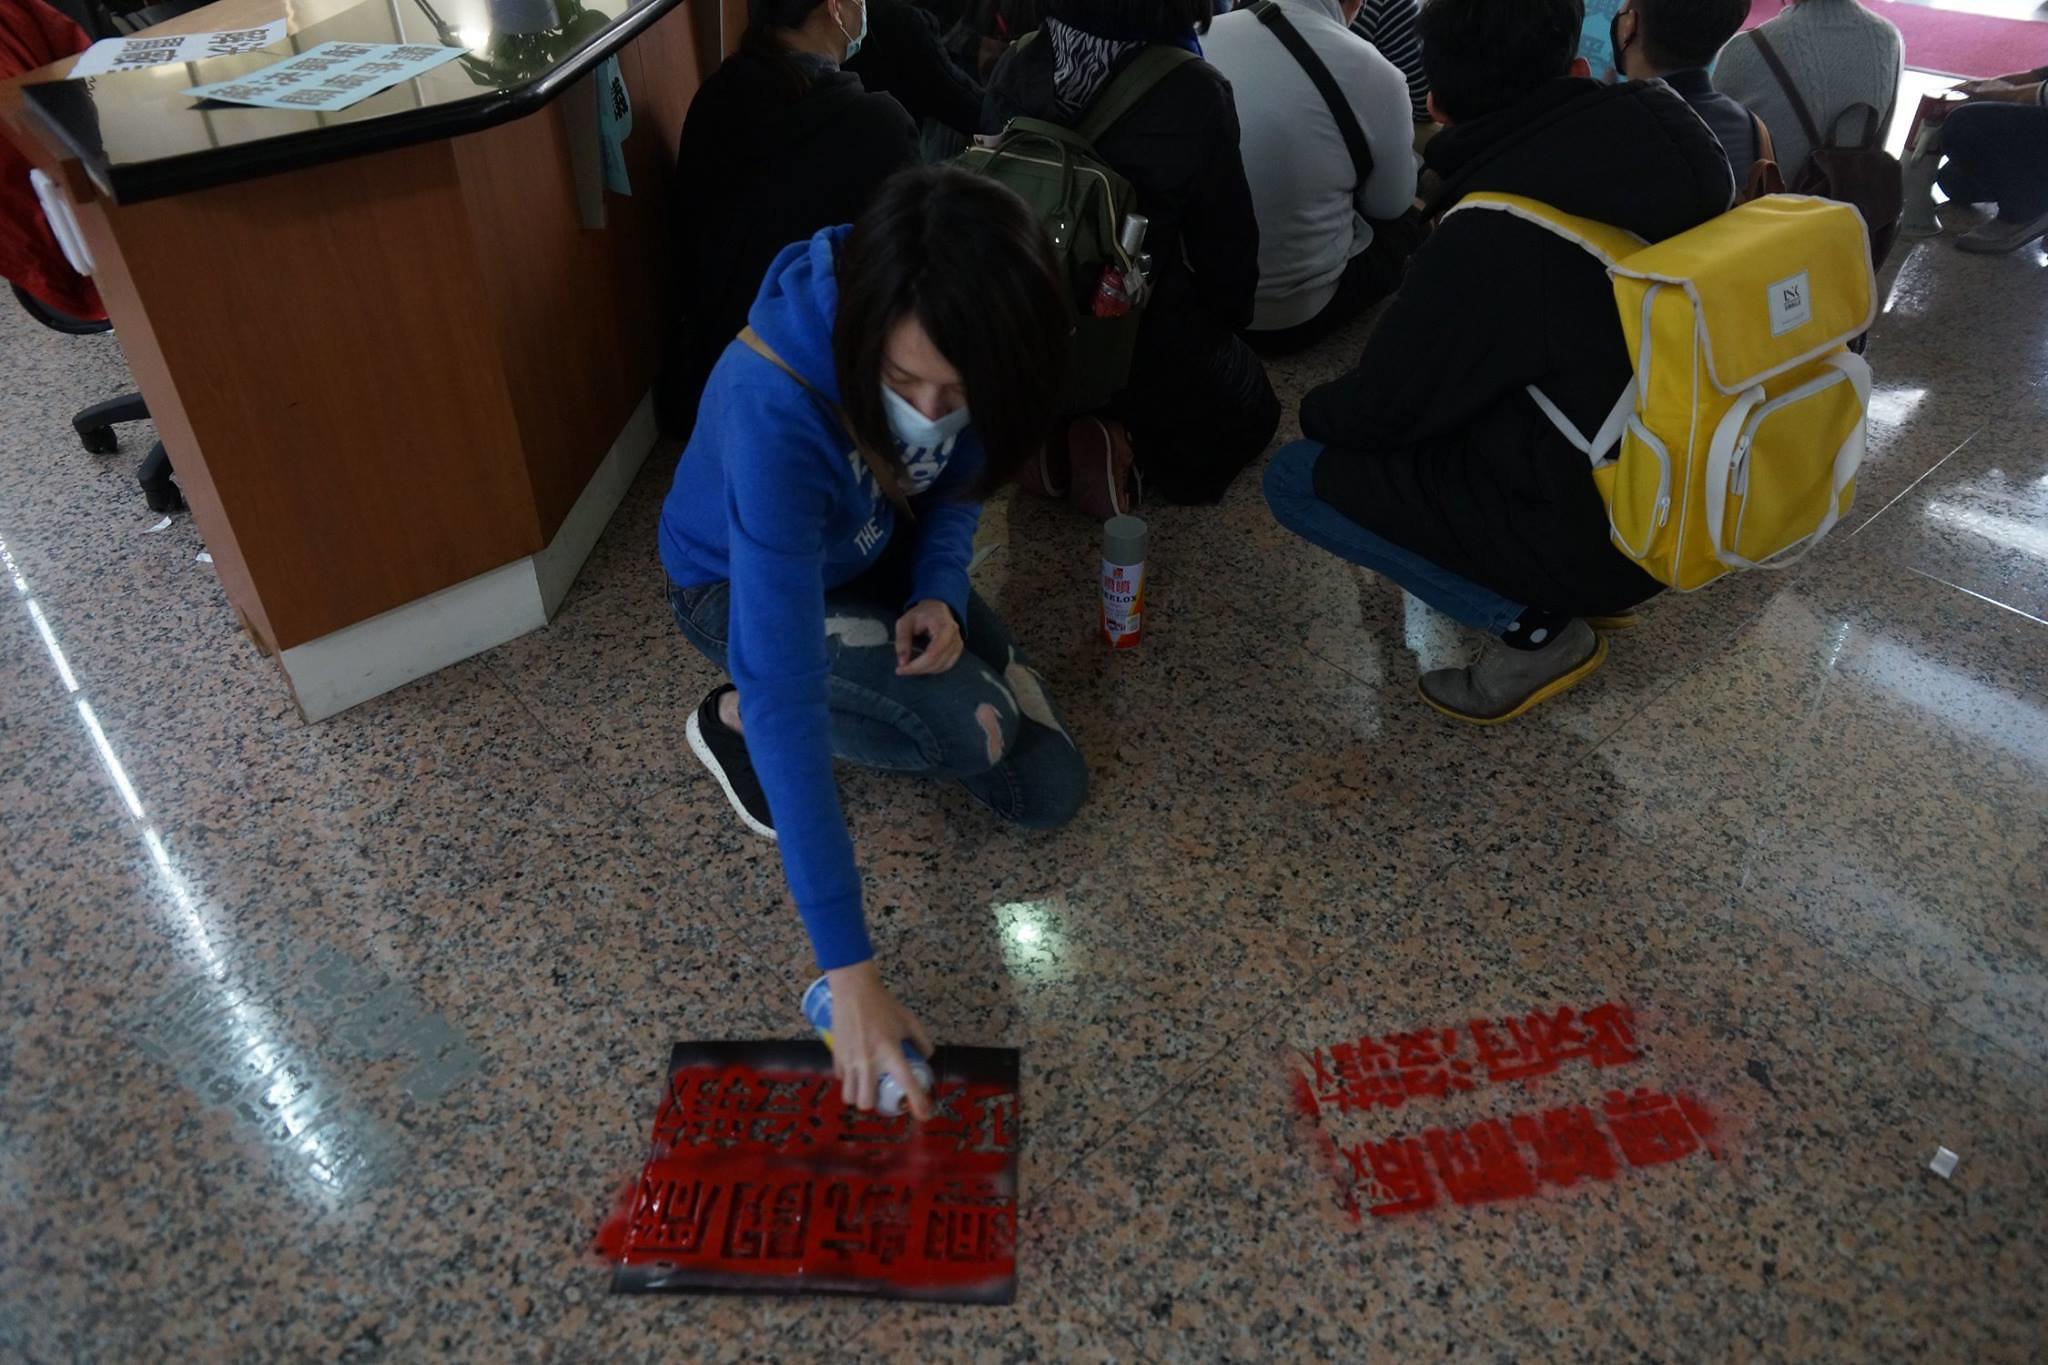 工會成員在勞動部地板上噴漆,表達訴求。(攝影:王顥中)